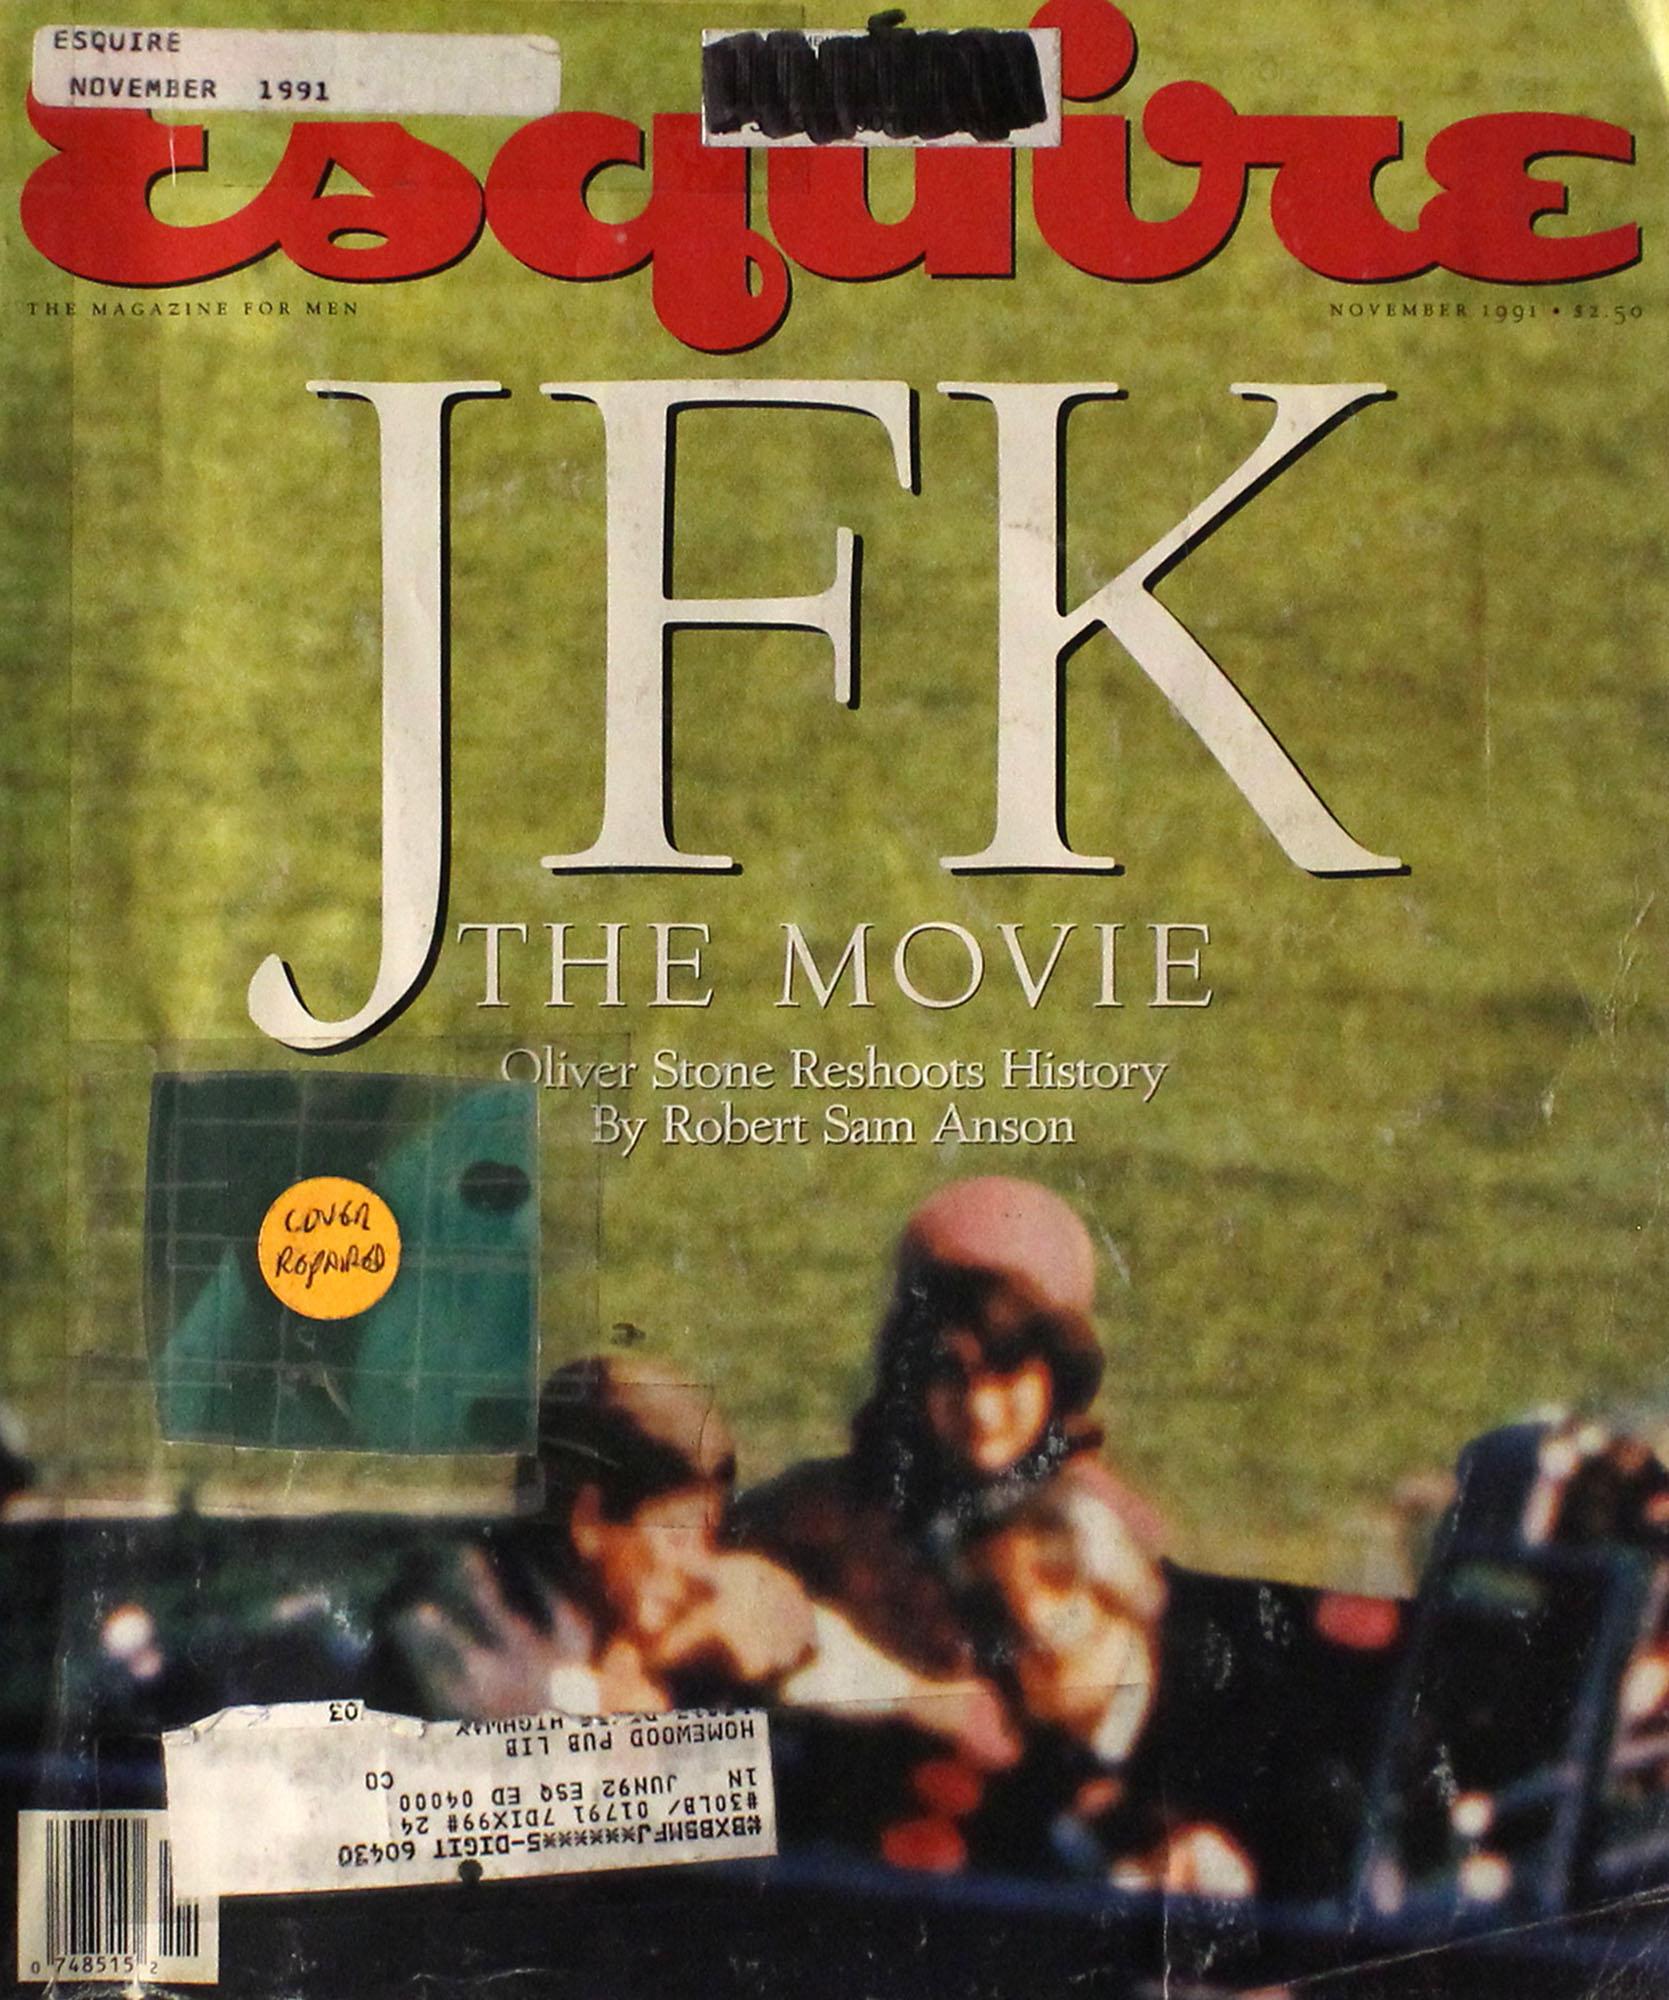 Esquire Vol. 116 No. 5